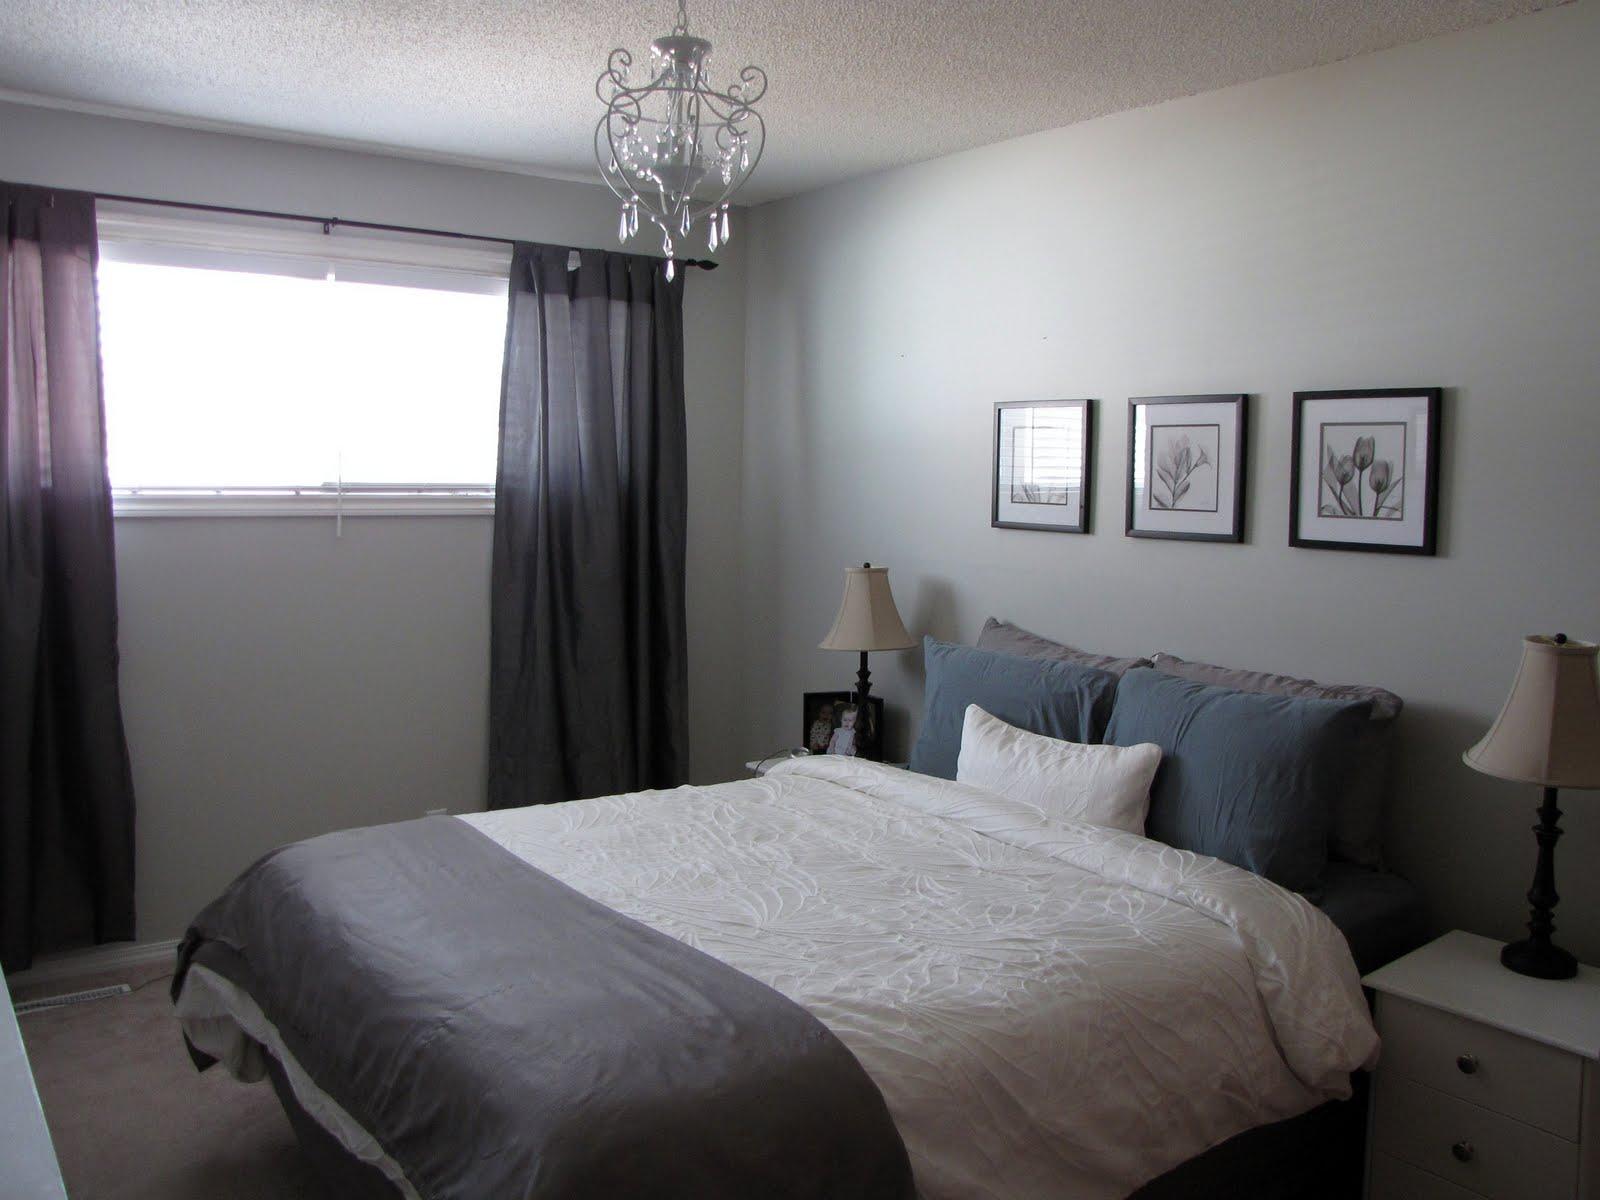 Homemaking Pilgrim Master Bedroom Makeover  Finished